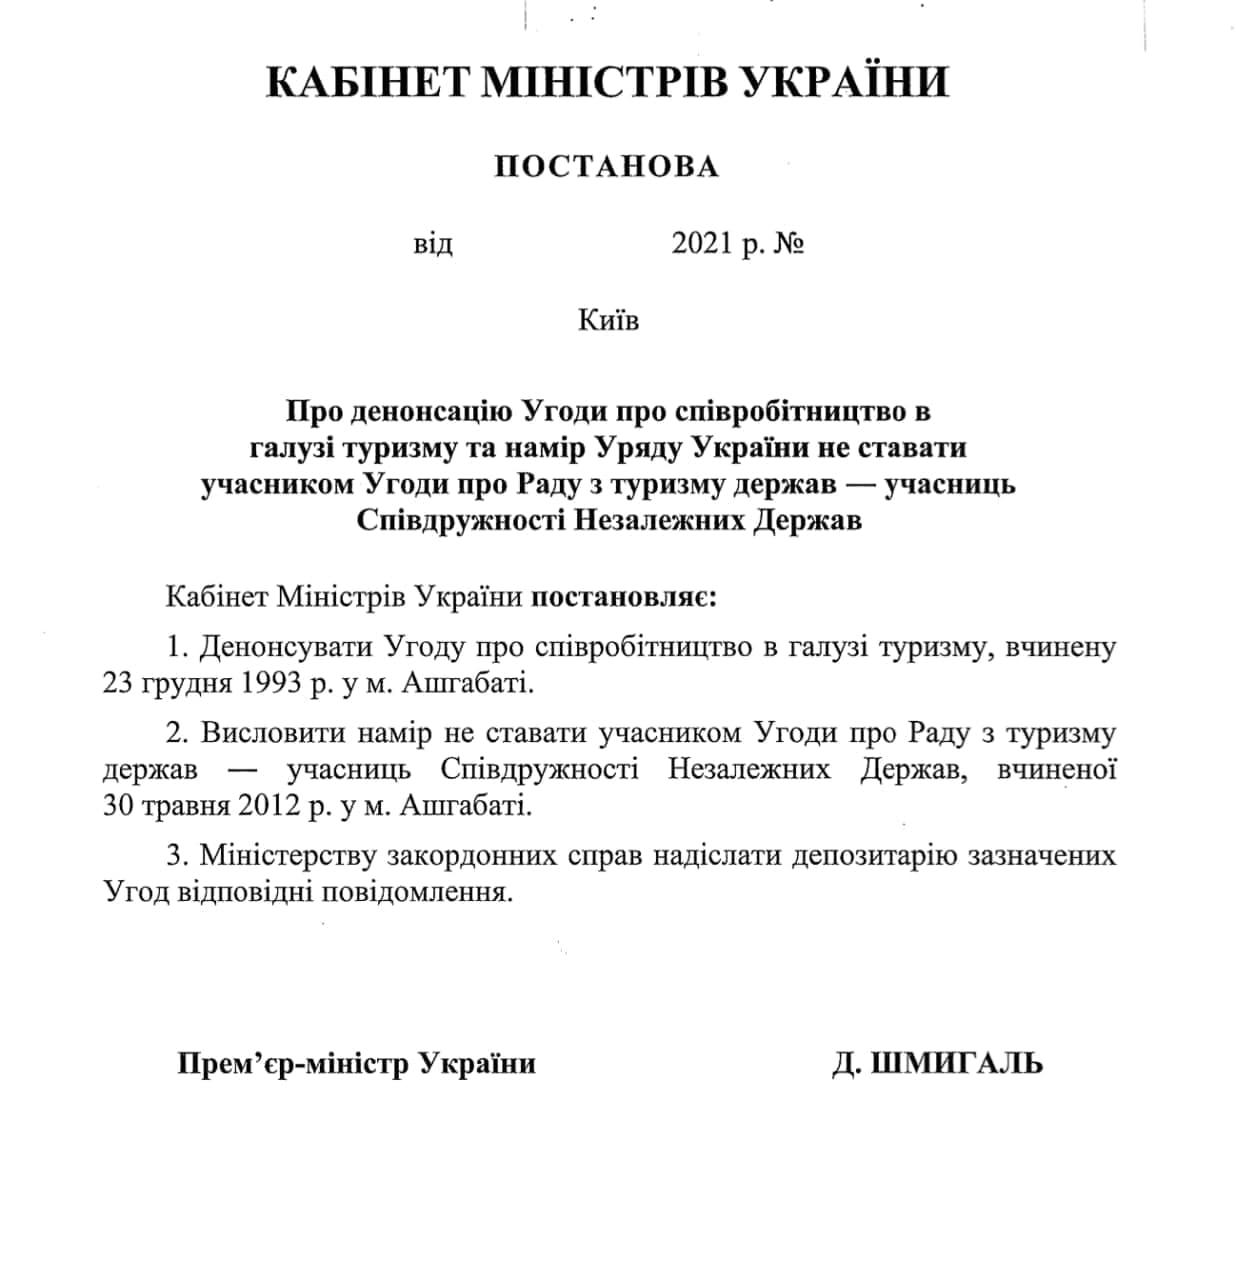 Украина вышла из туристического соглашения с СНГ из-за российской агрессии